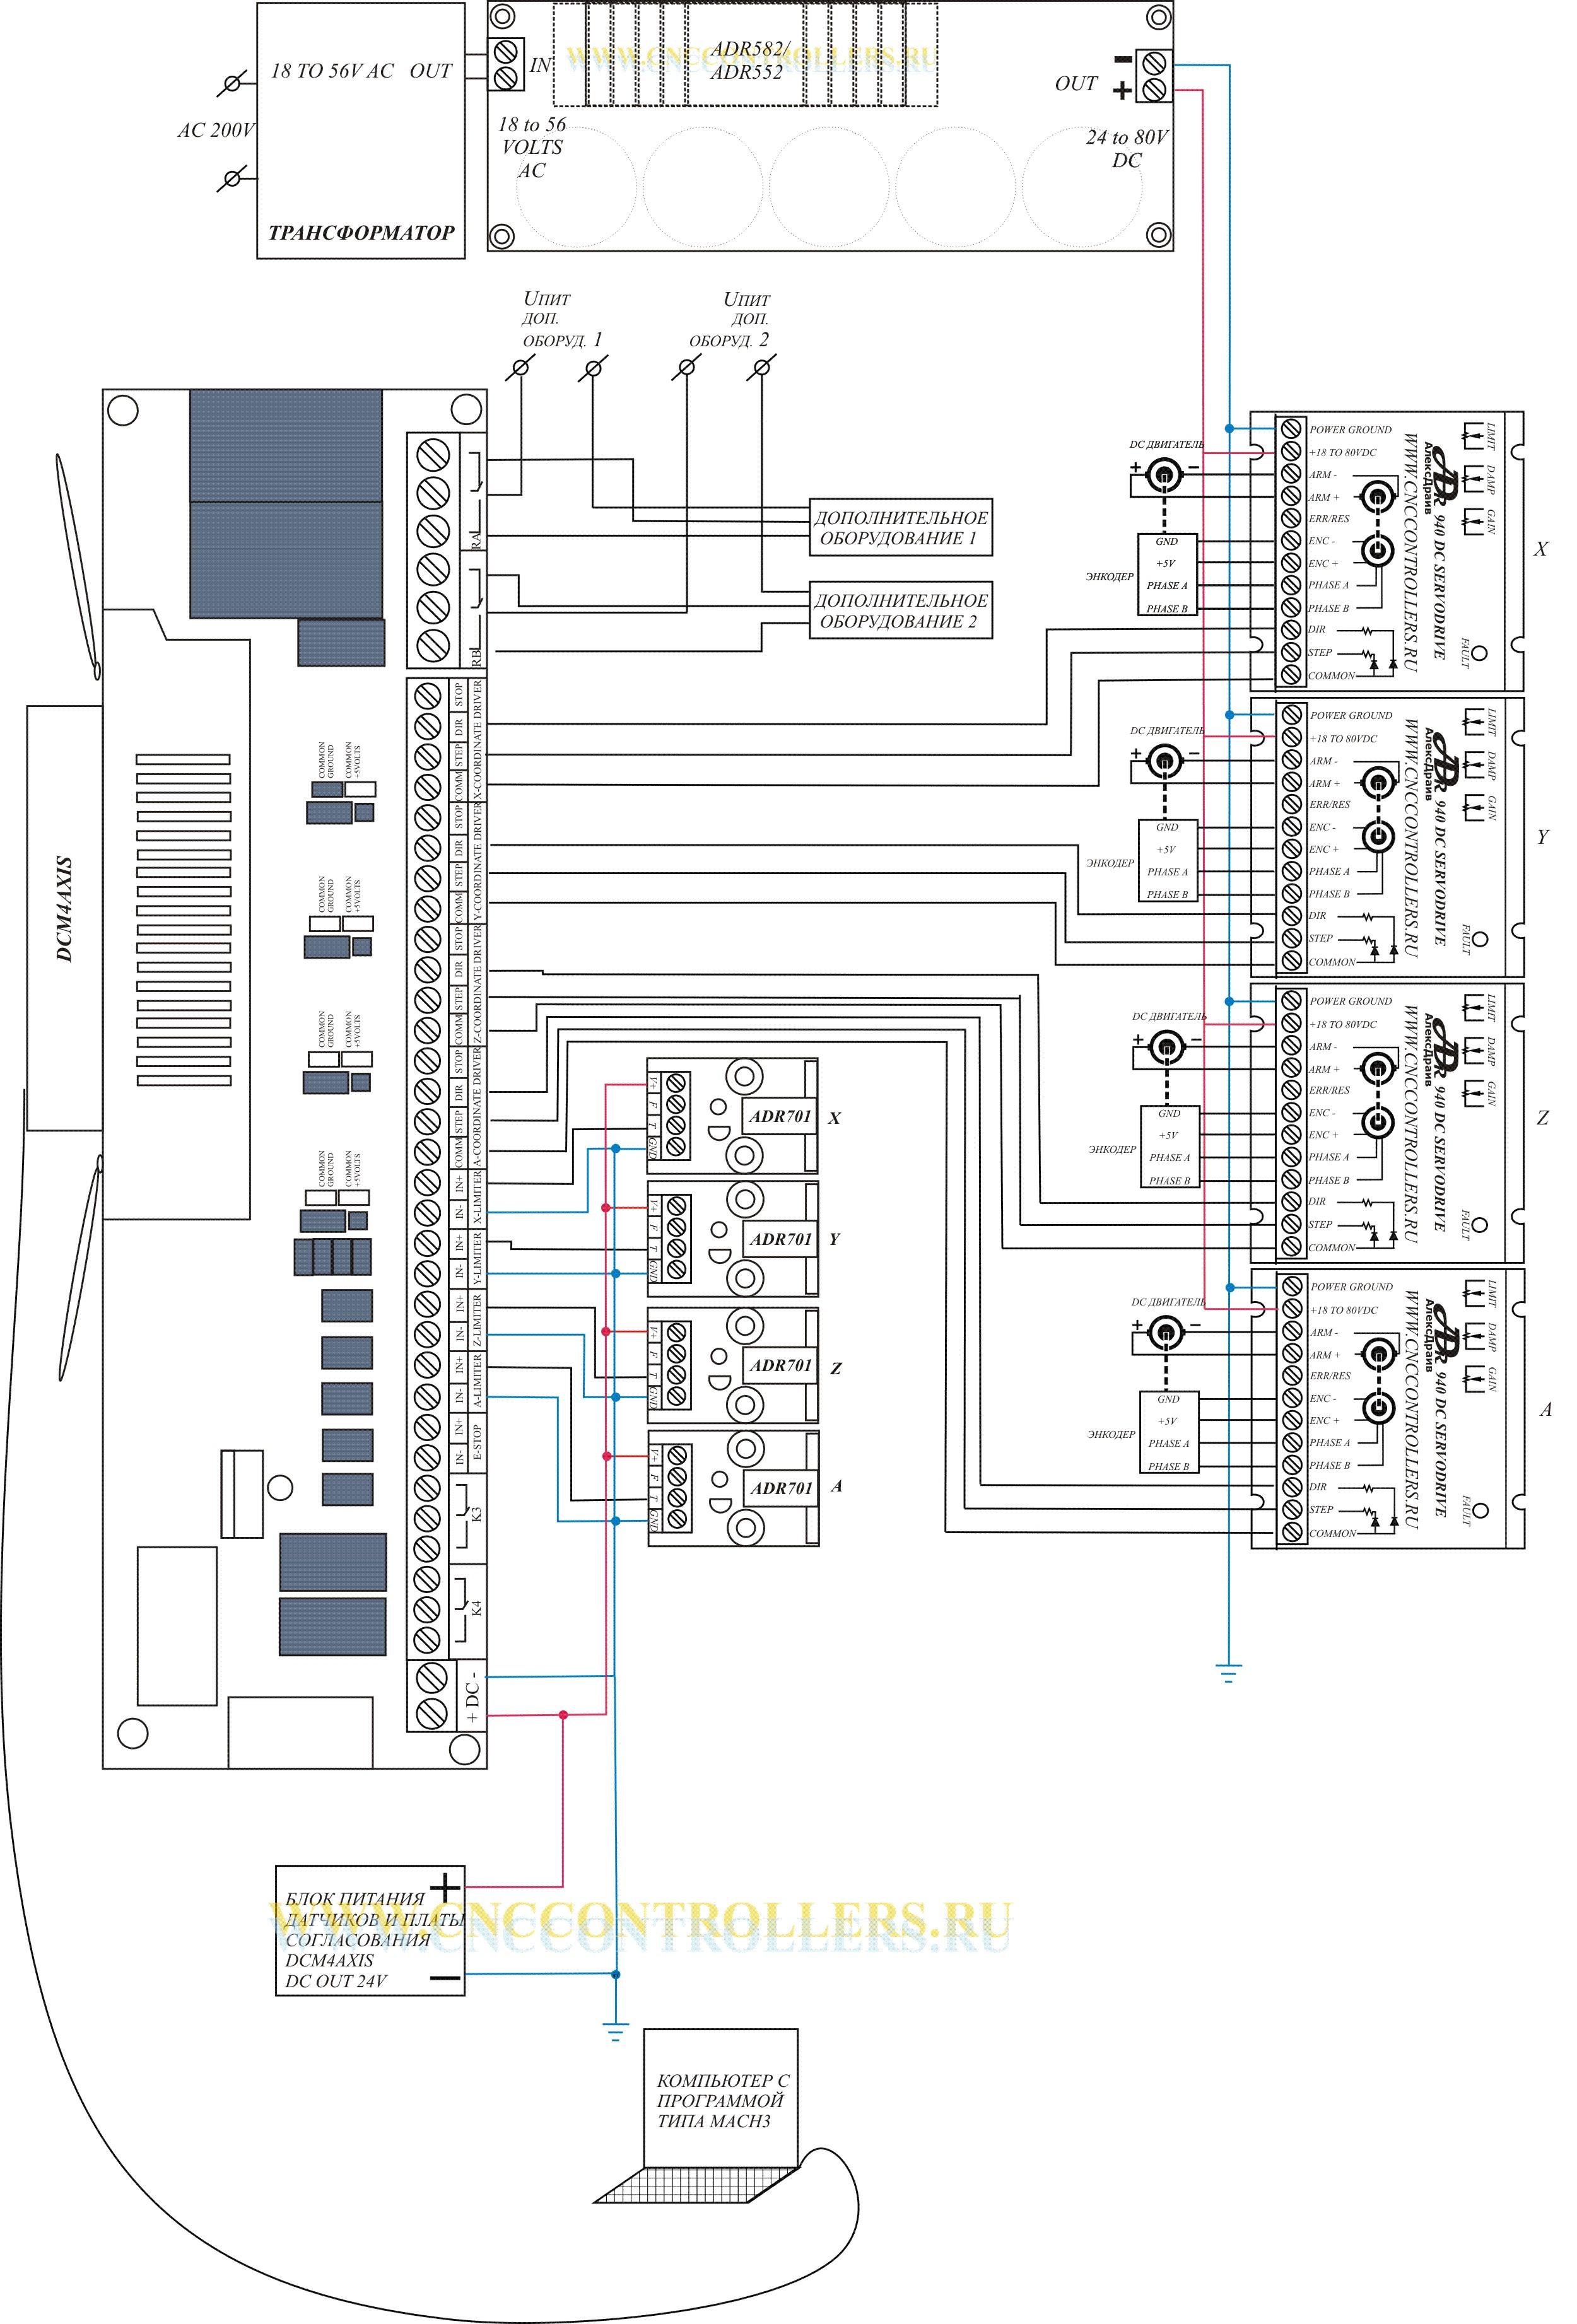 схема подключения сигналов управления серводрайверов и бесконтактных переключателей к плате DCM4AXIS.